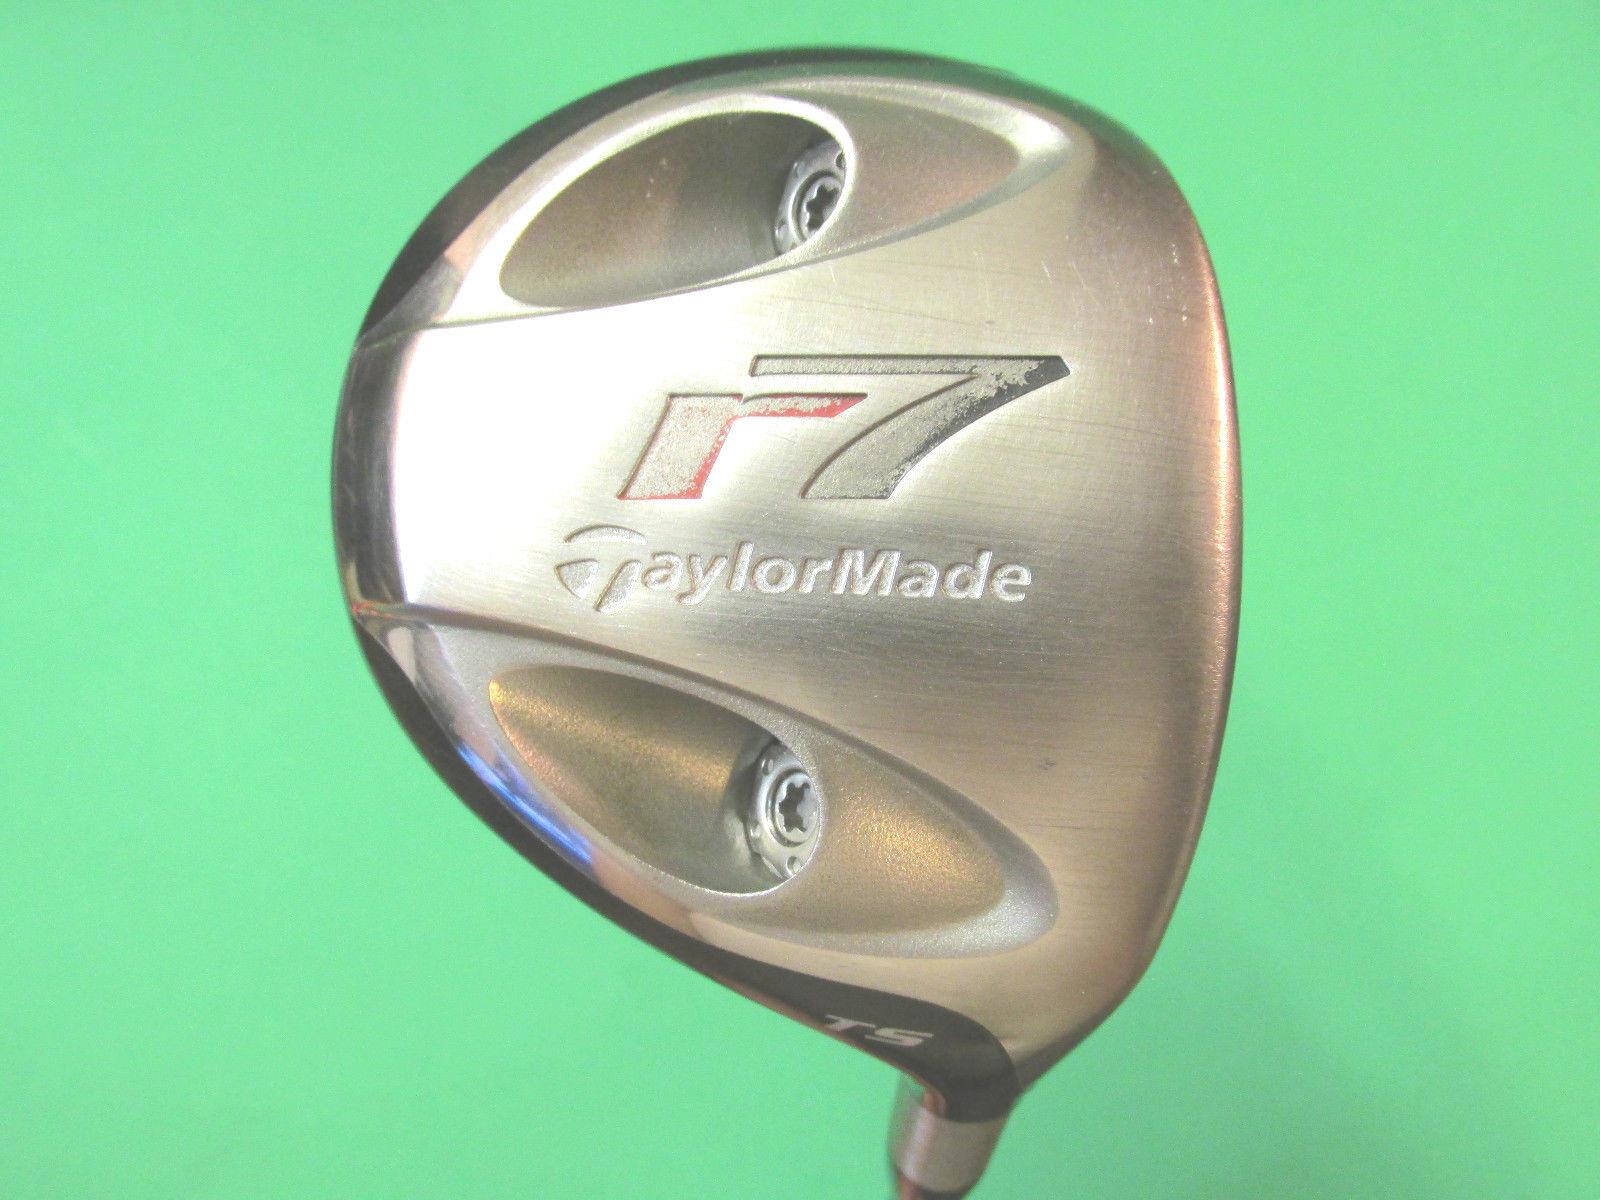 43  TaylorMade TP r7 TS Tour Spoon 13 Degree Fujikura Stiff Flex